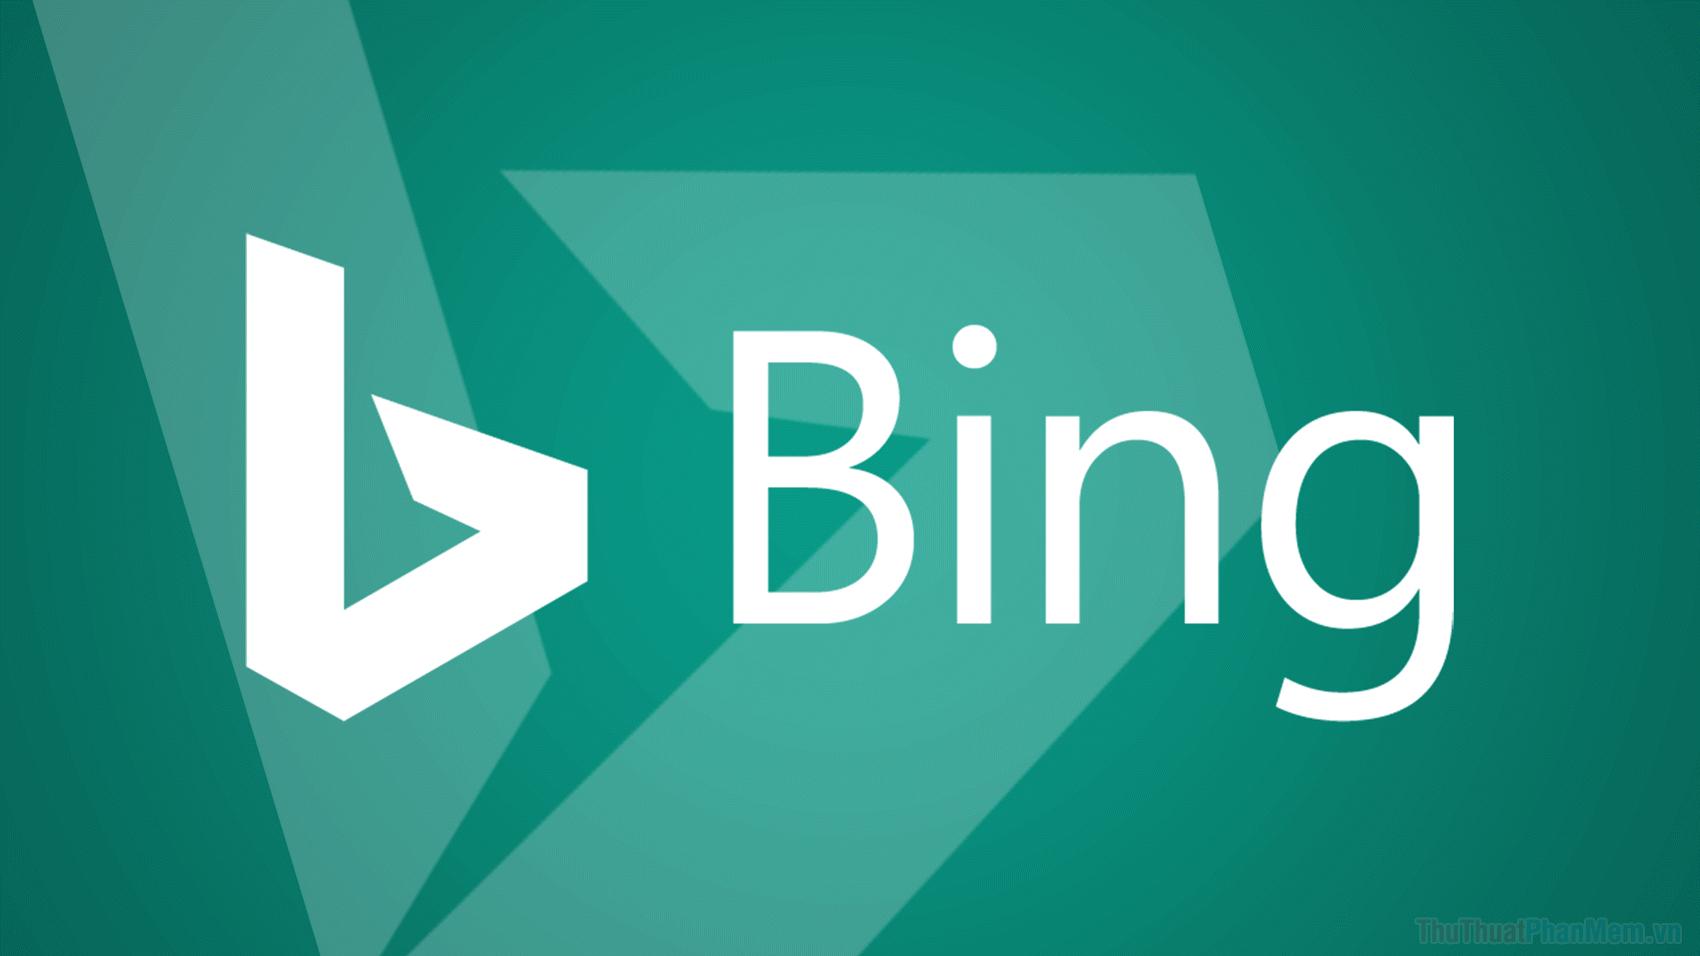 Bing là một công cụ tìm kiếm trực tuyến trên mạng Internet